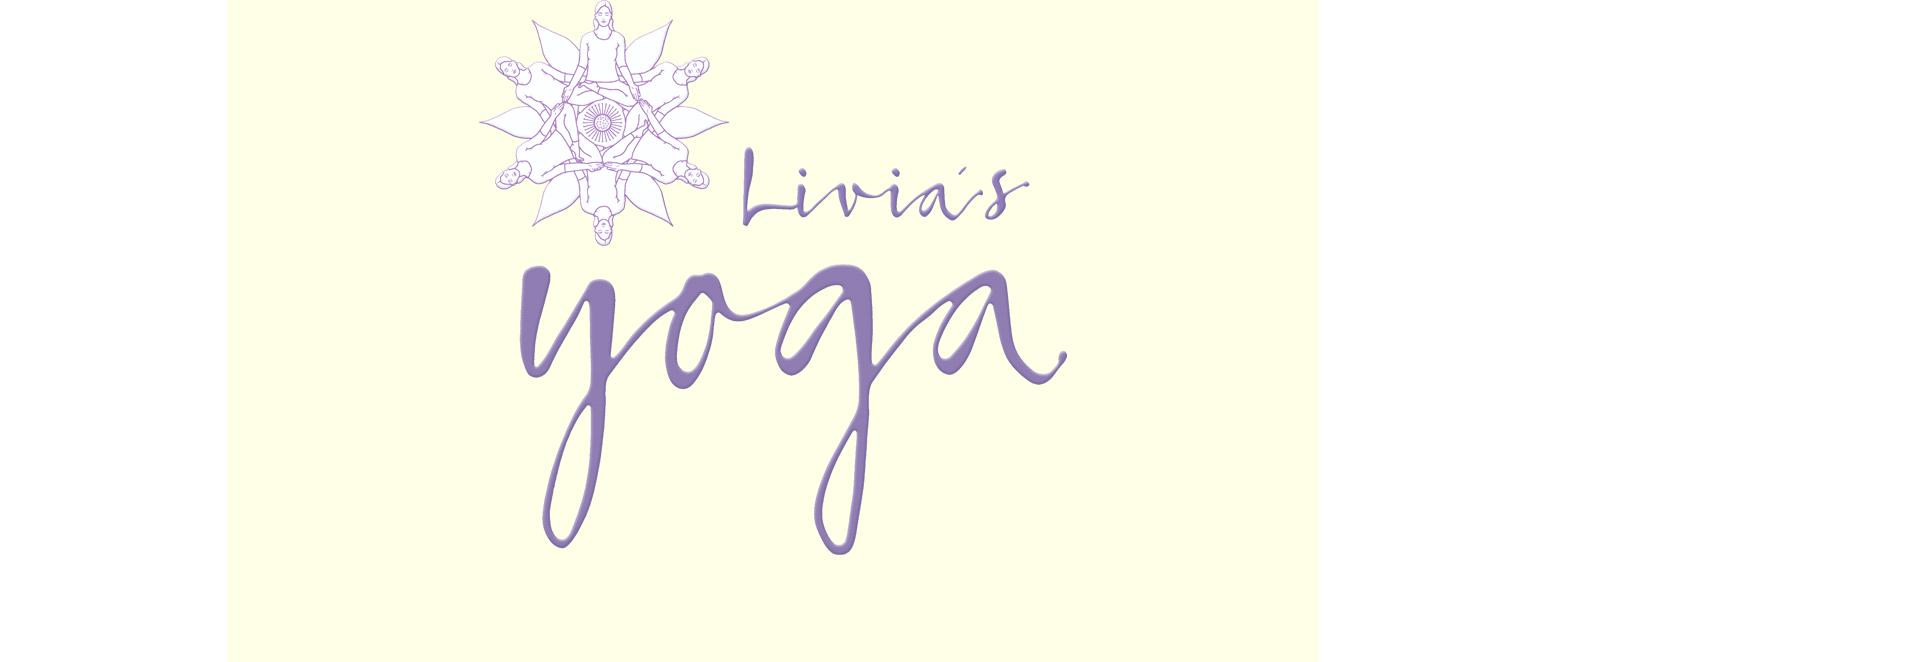 Livias Yoga